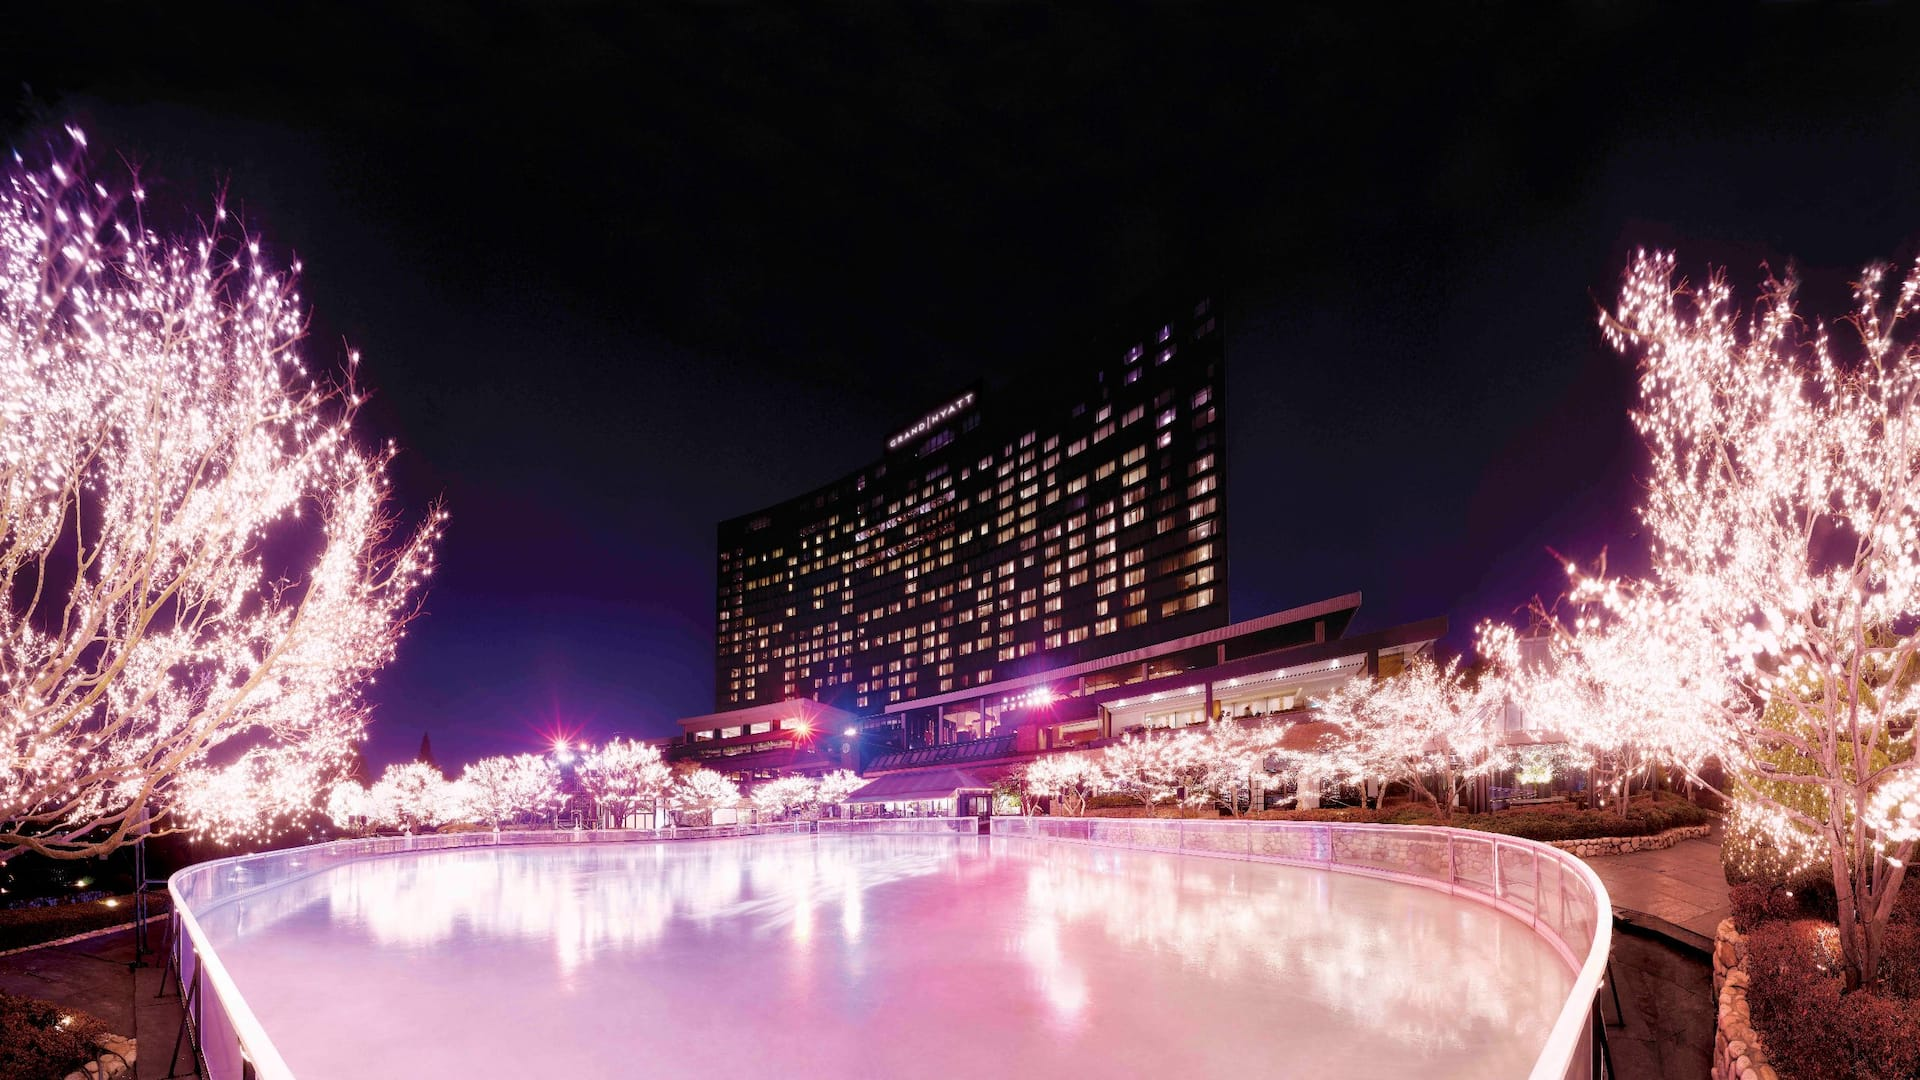 Grand Hyatt Seoul Ice Rink